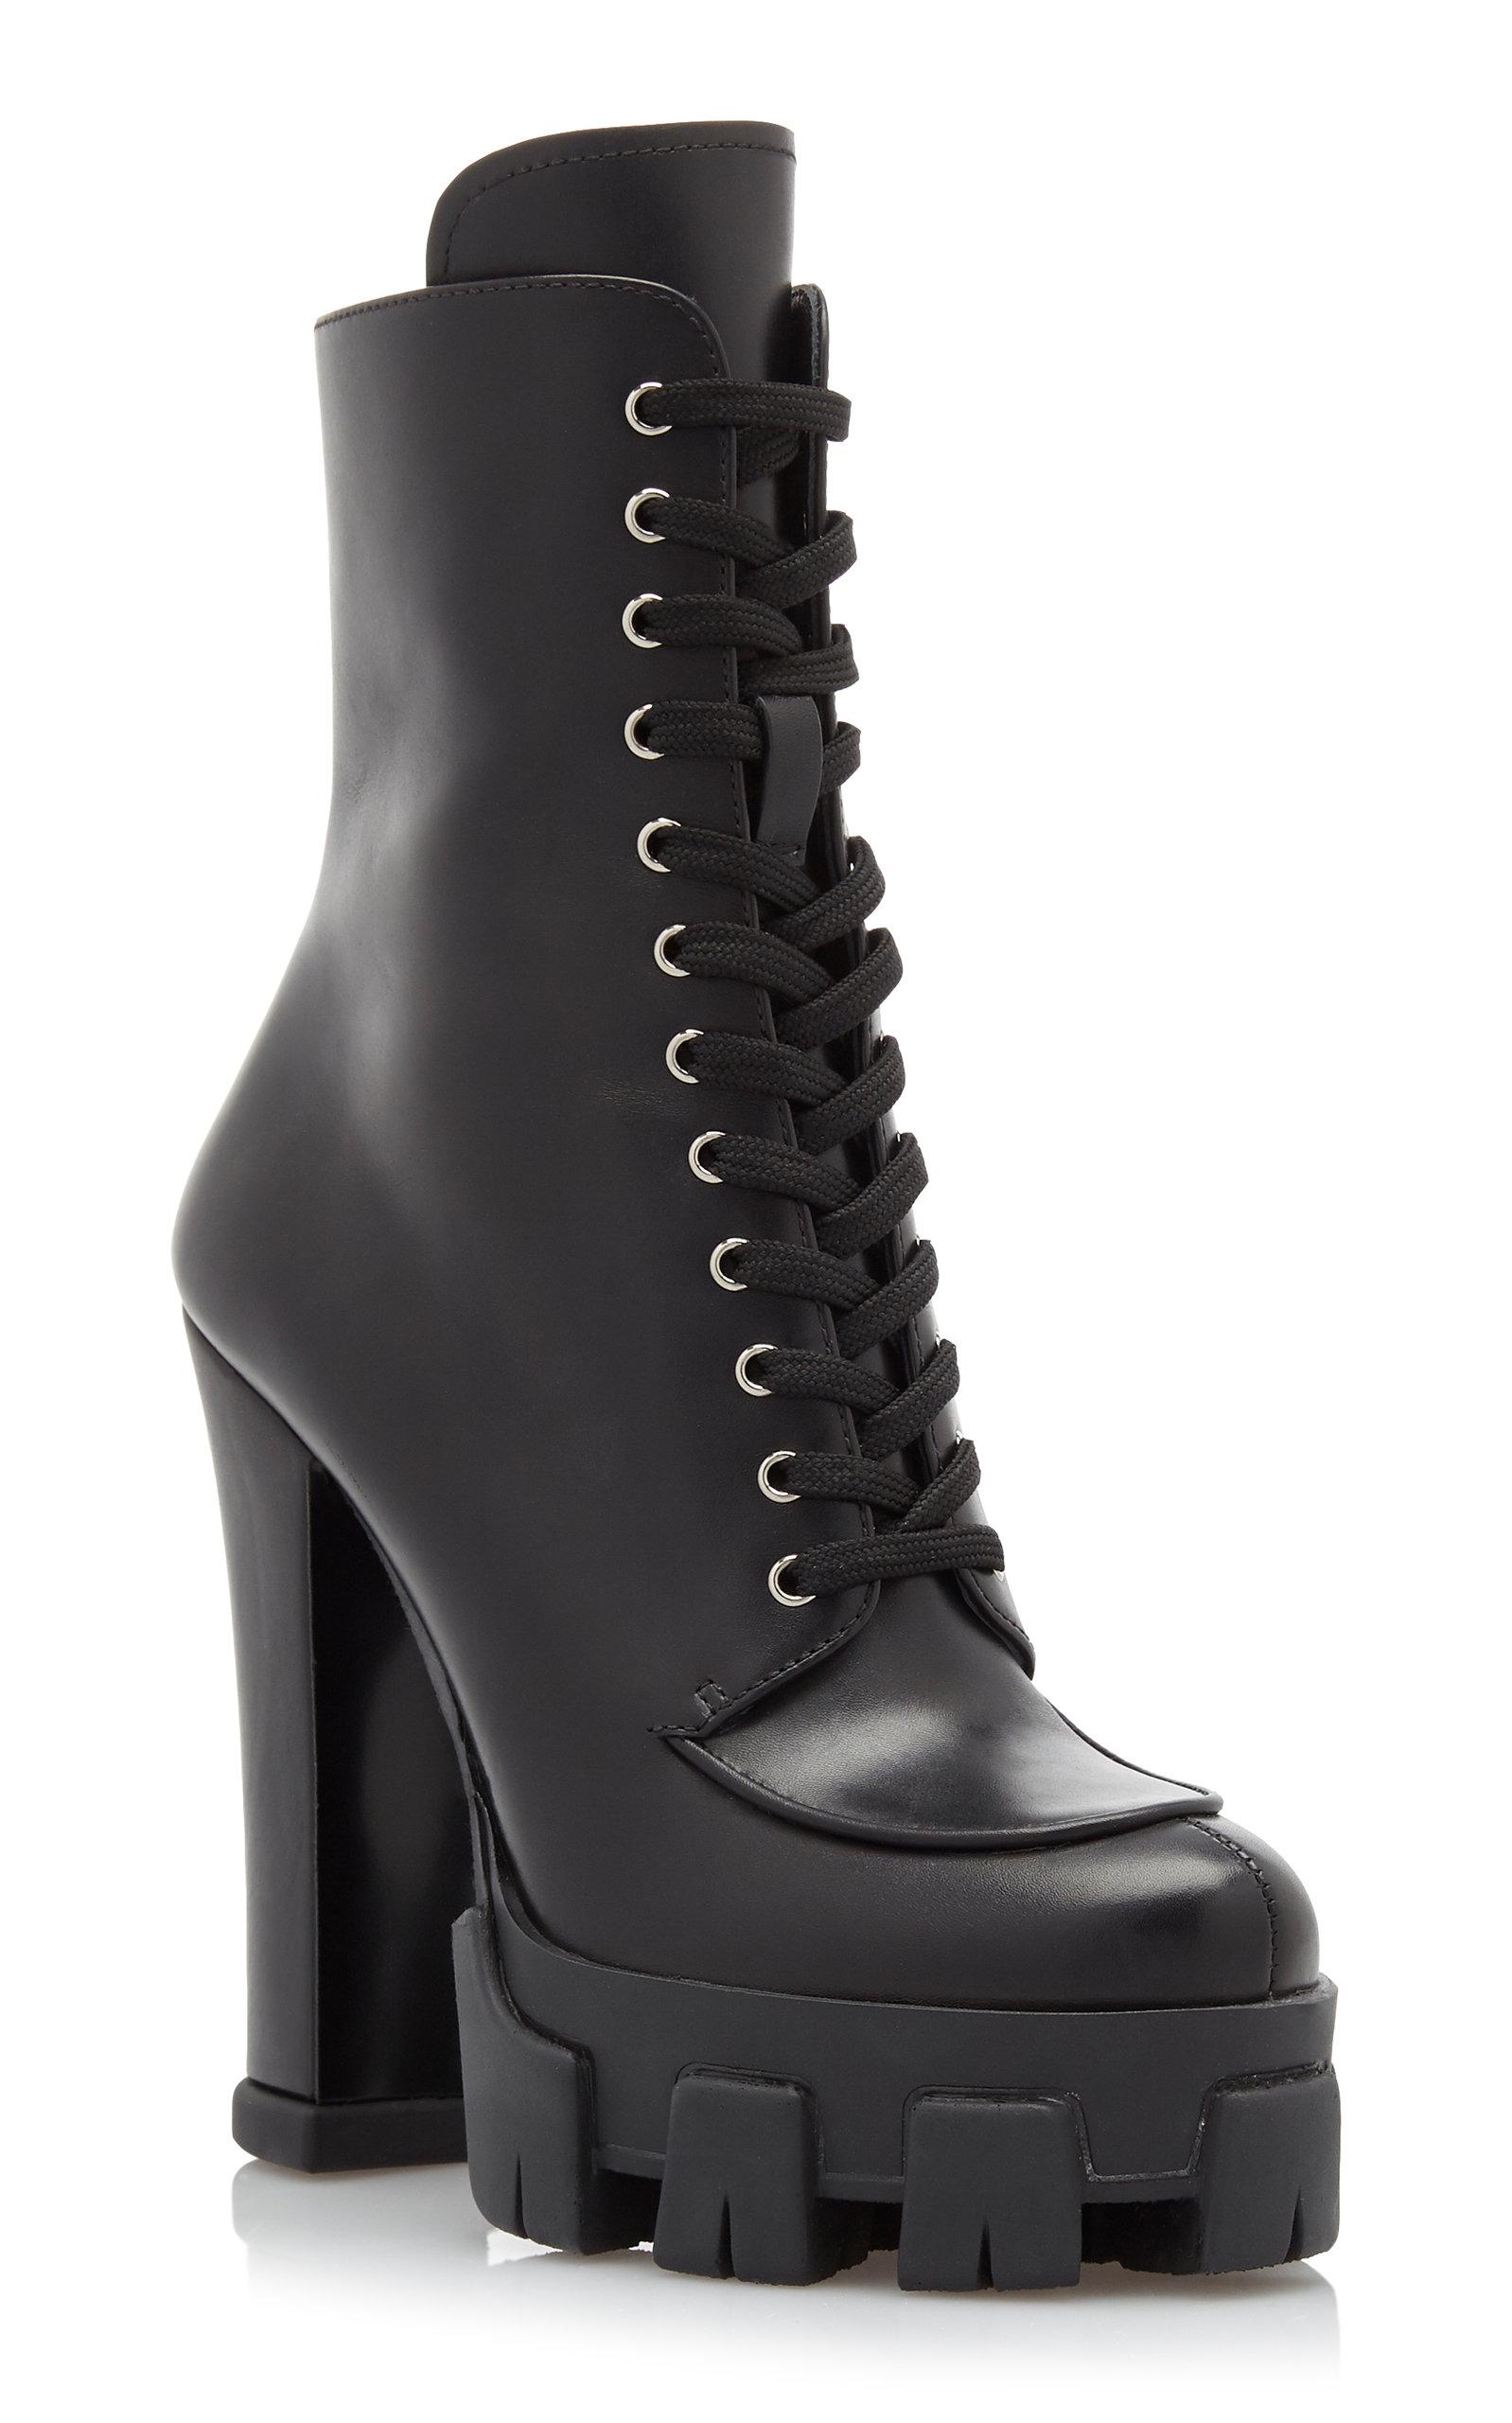 d03b6ba98dd Lace-up Leather Platform Boots